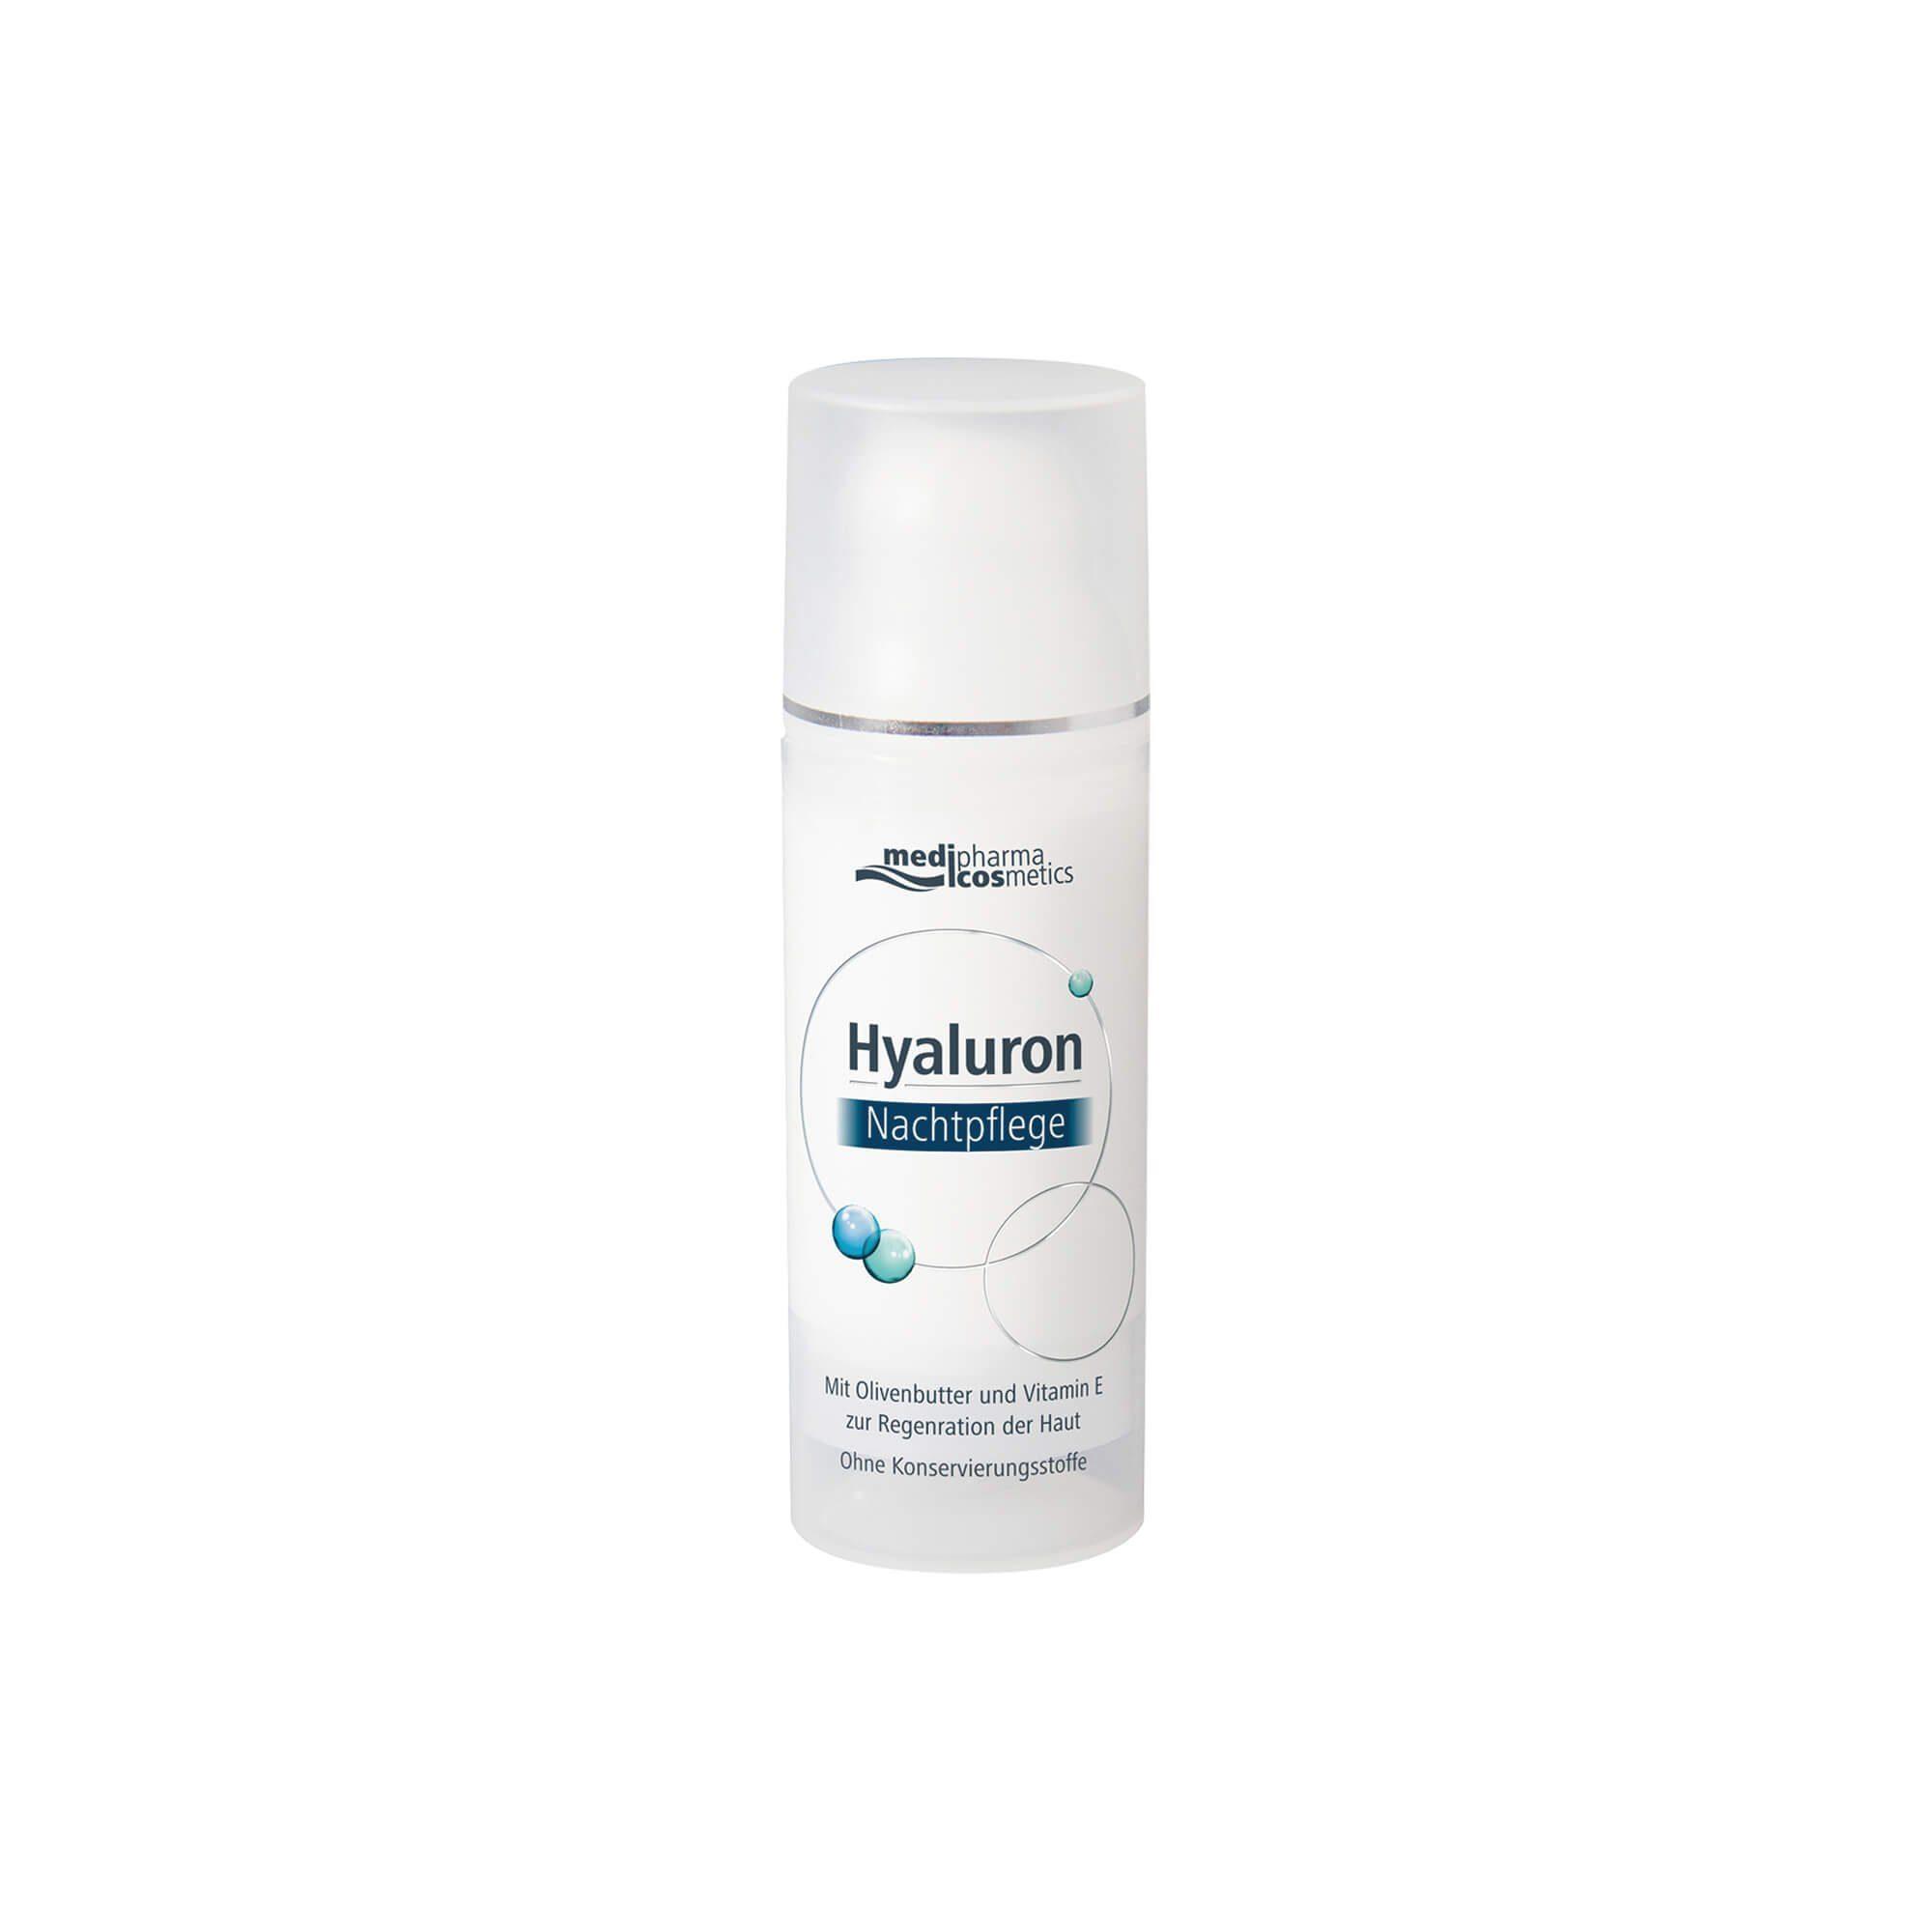 Hyaluron Nachtpflege Creme , 50 ml